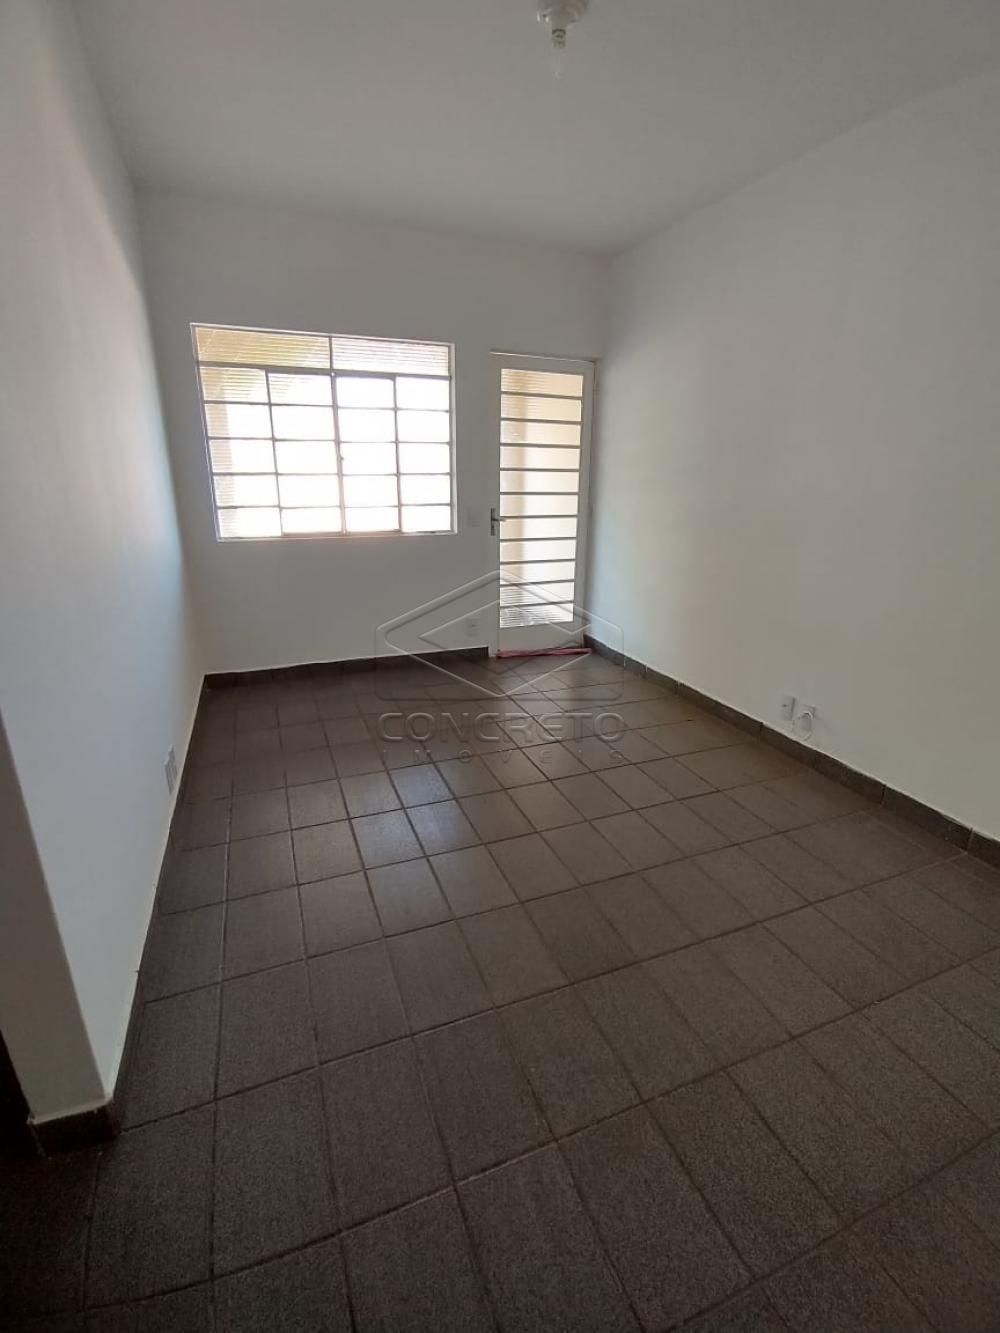 Alugar Casa / Padrão em Bauru apenas R$ 1.000,00 - Foto 5